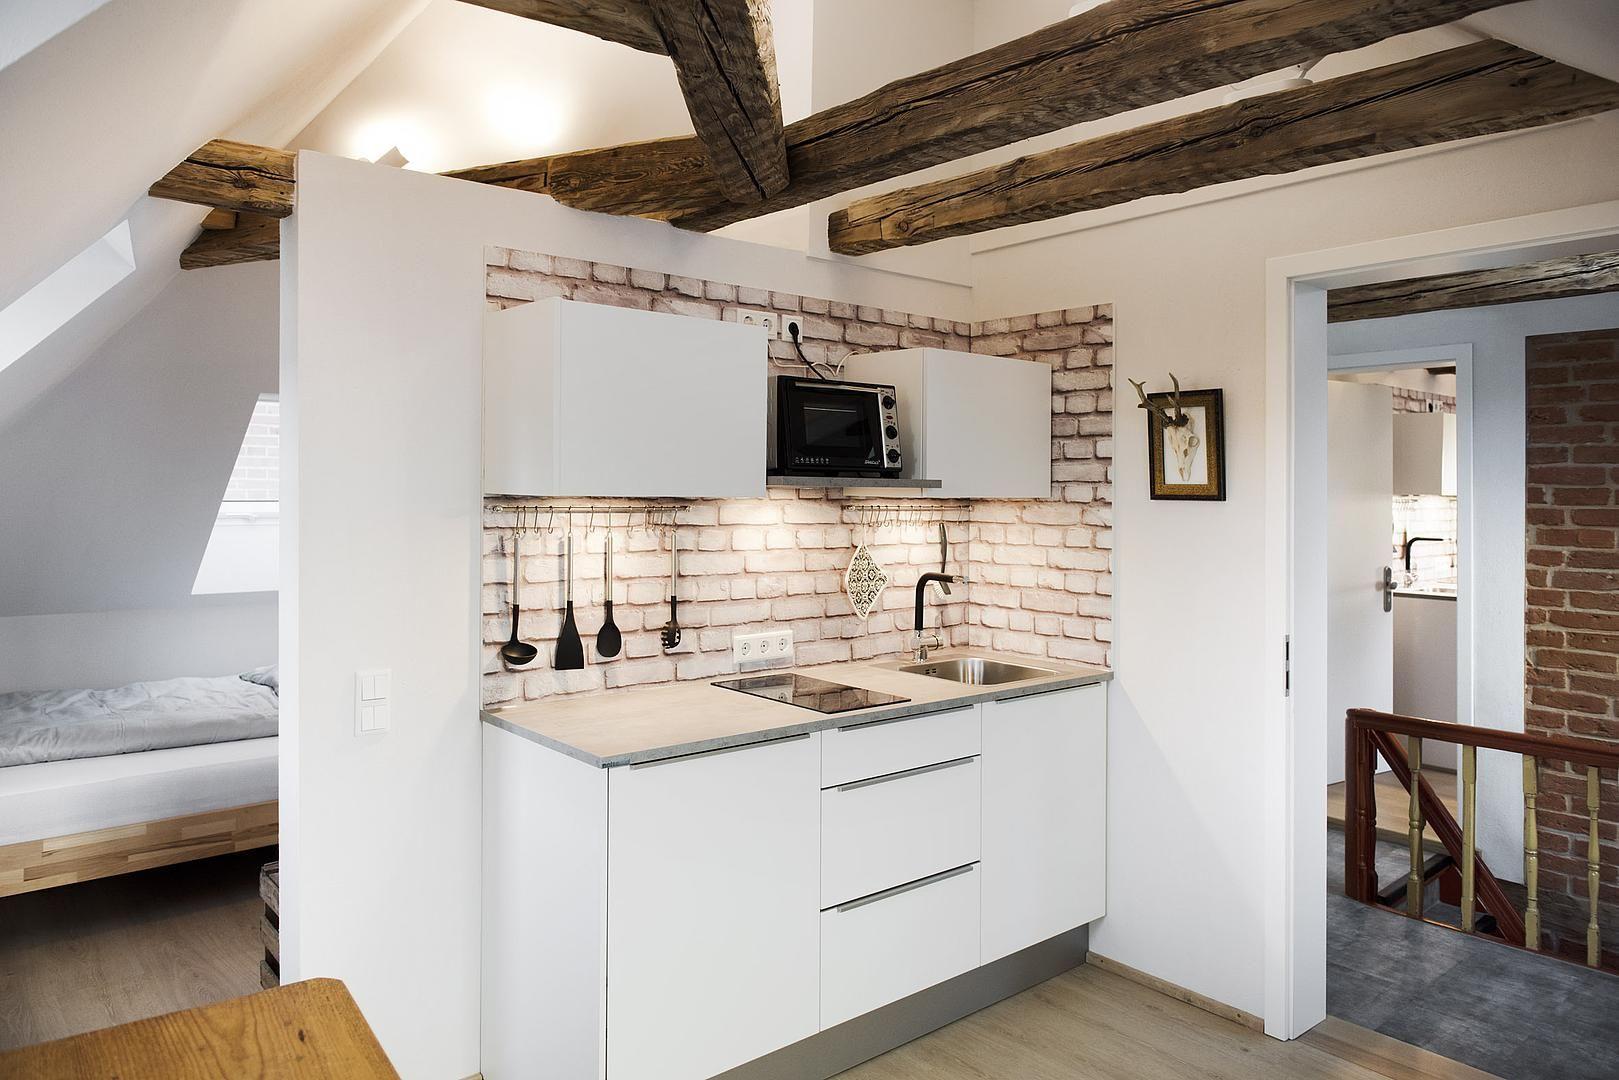 Sanierte Kuche Im Micro Apartment Wohnung Planen Sanierung Familien Haus